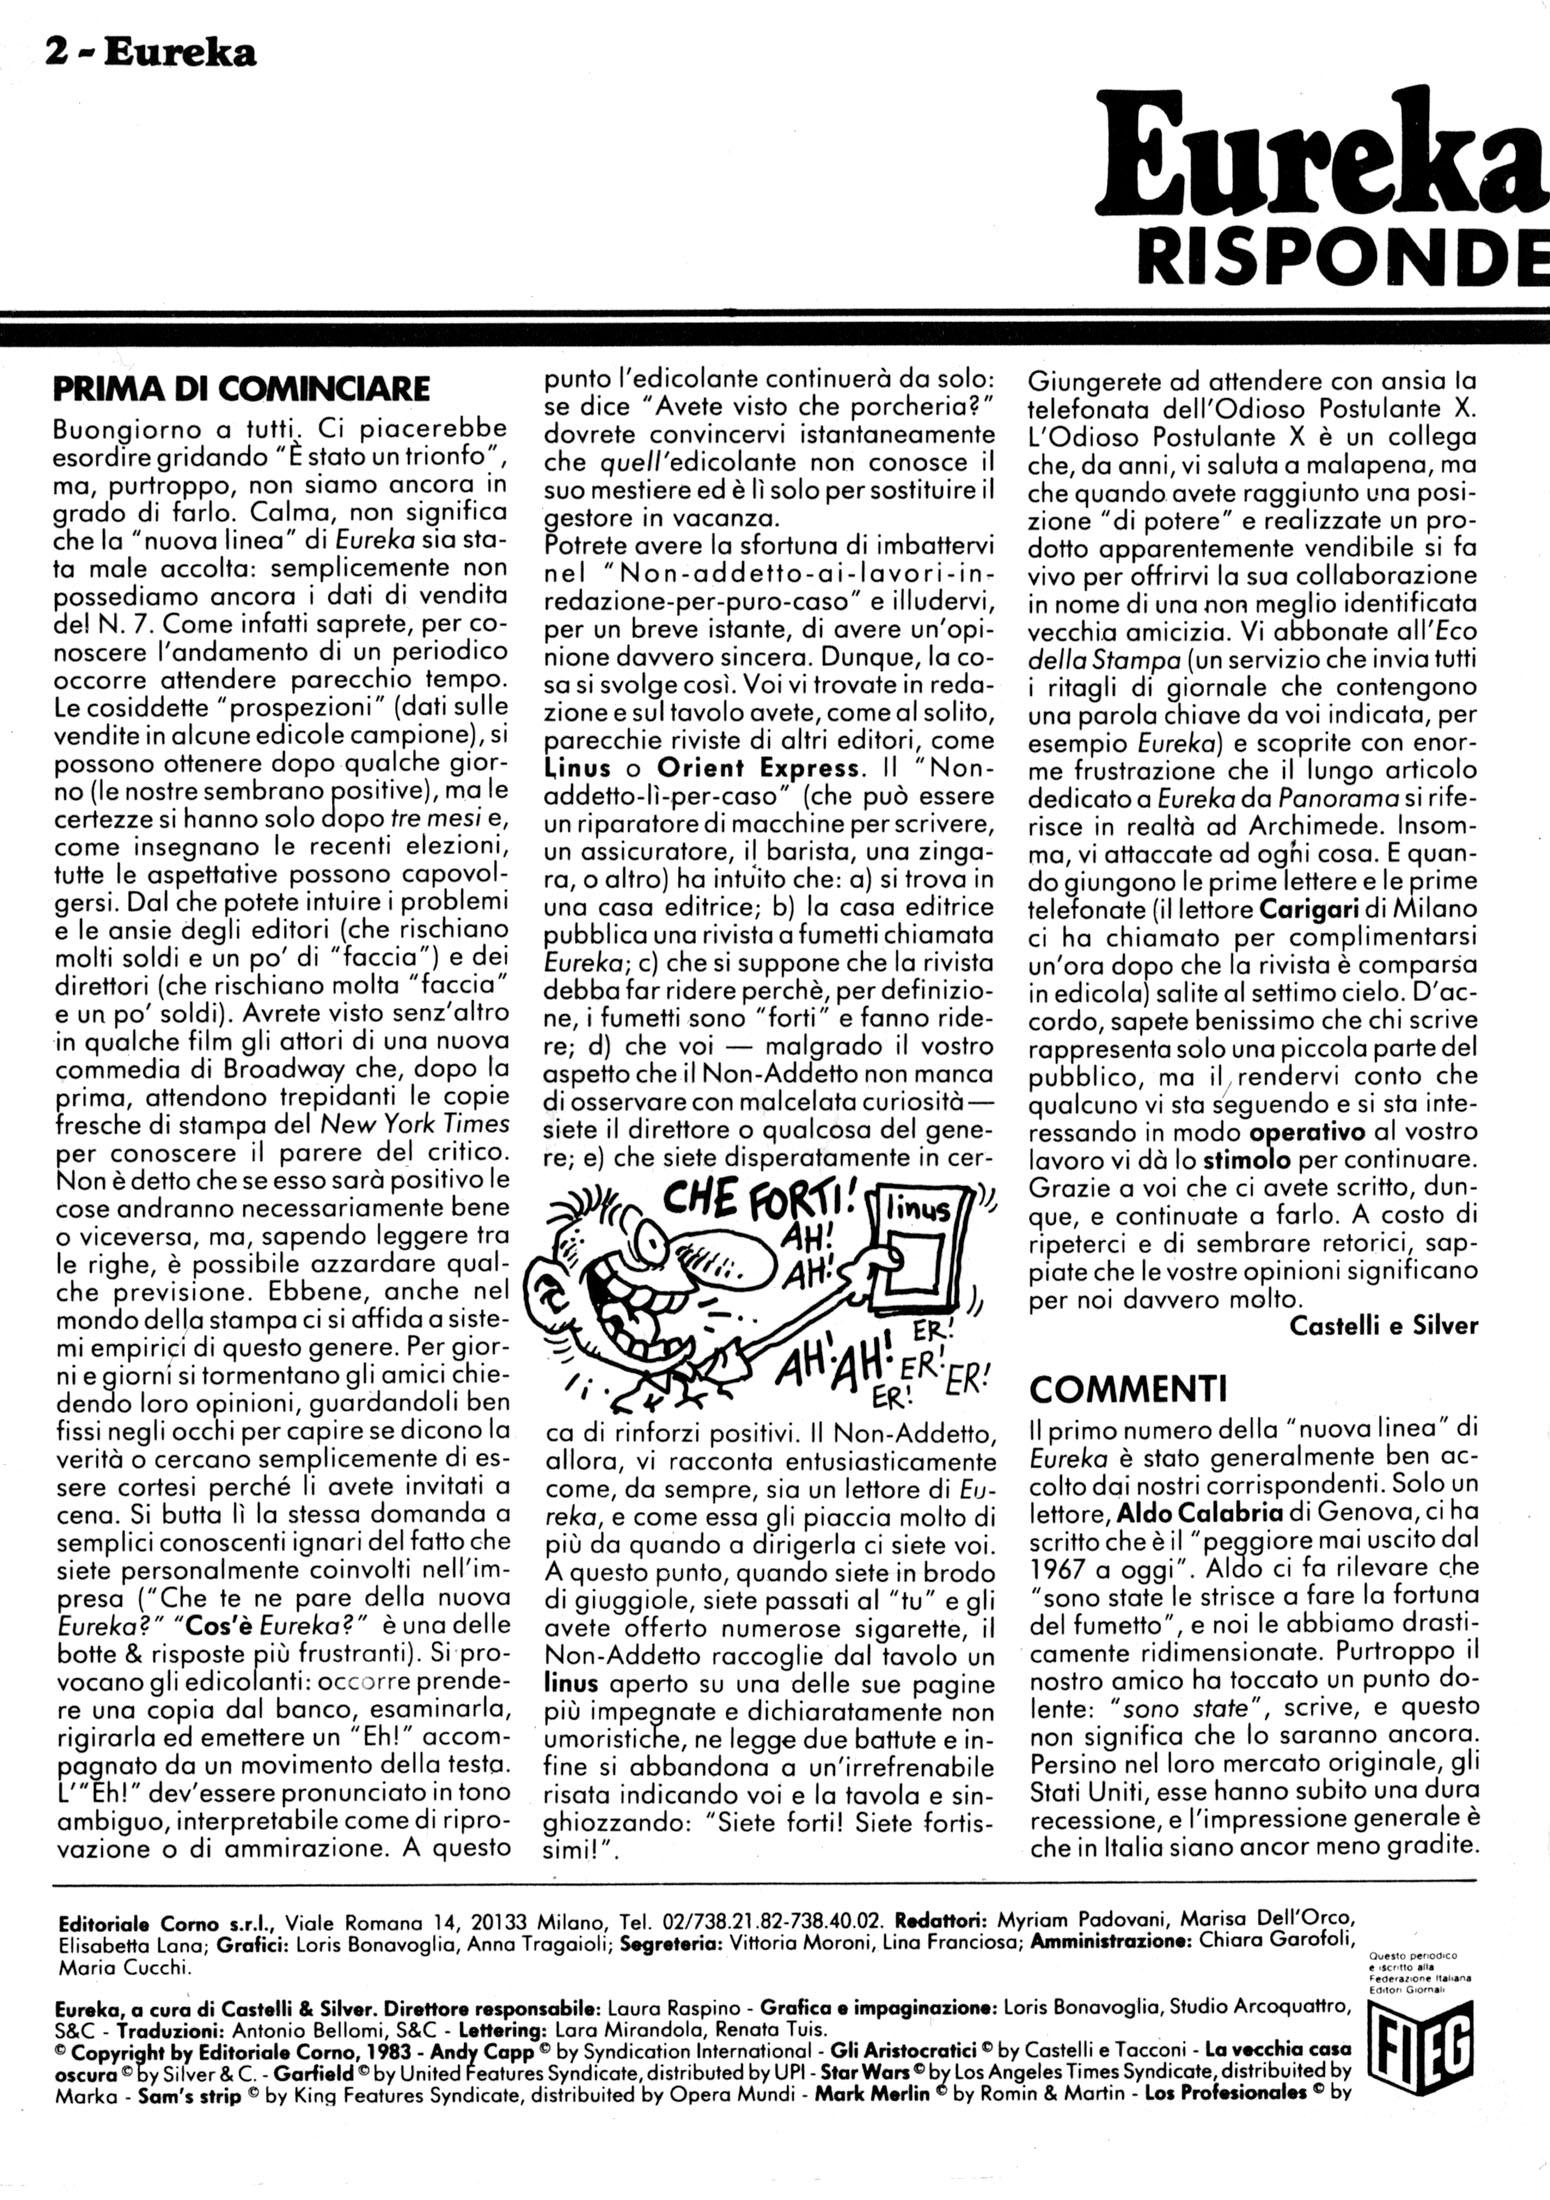 ALFREDO CASTELLI DIRIGE EUREKA